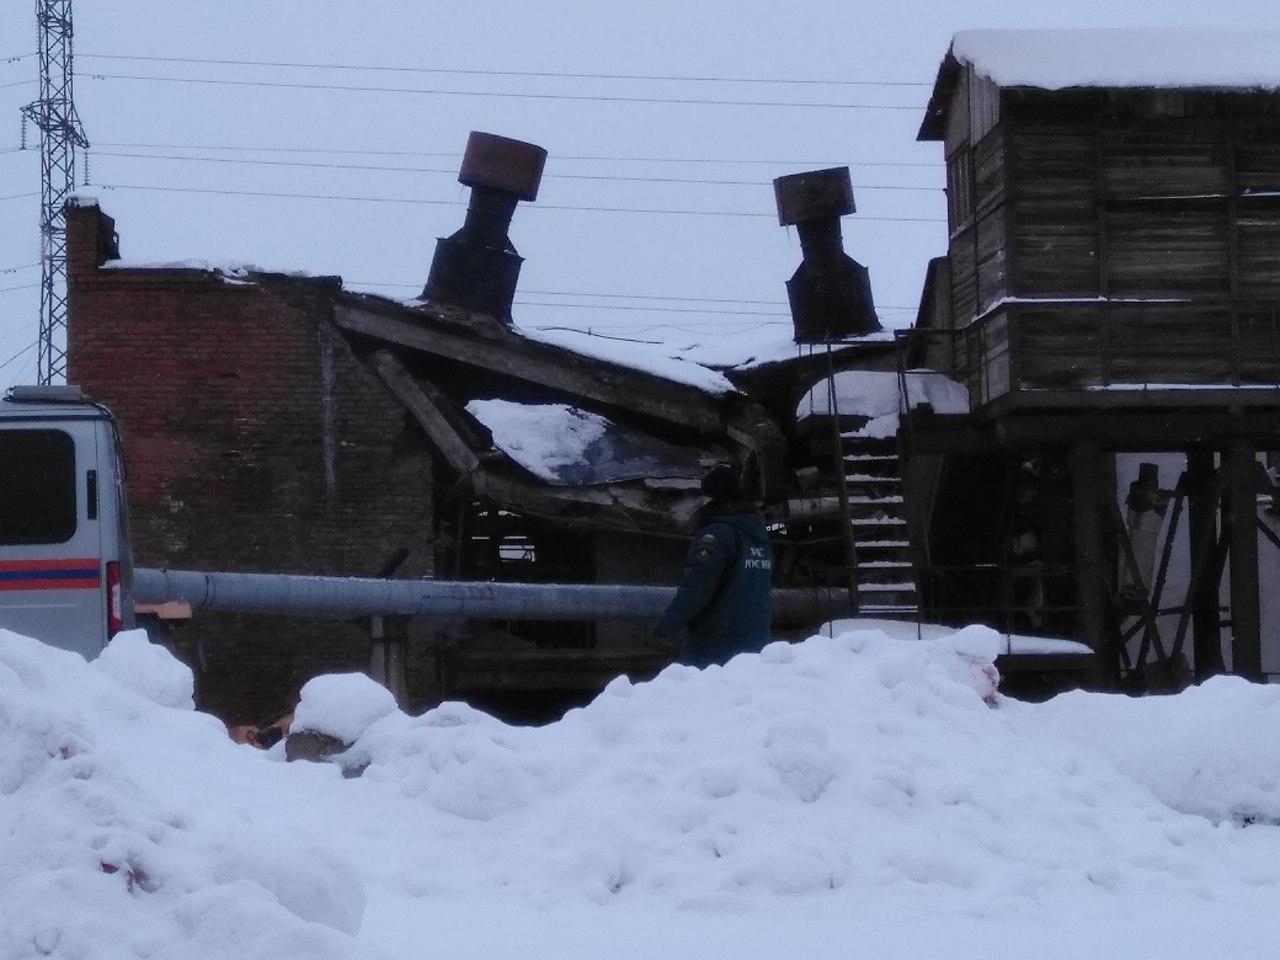 В Соколе выясняют причины обрушения котельной, из-за которого часть города осталась без тепла